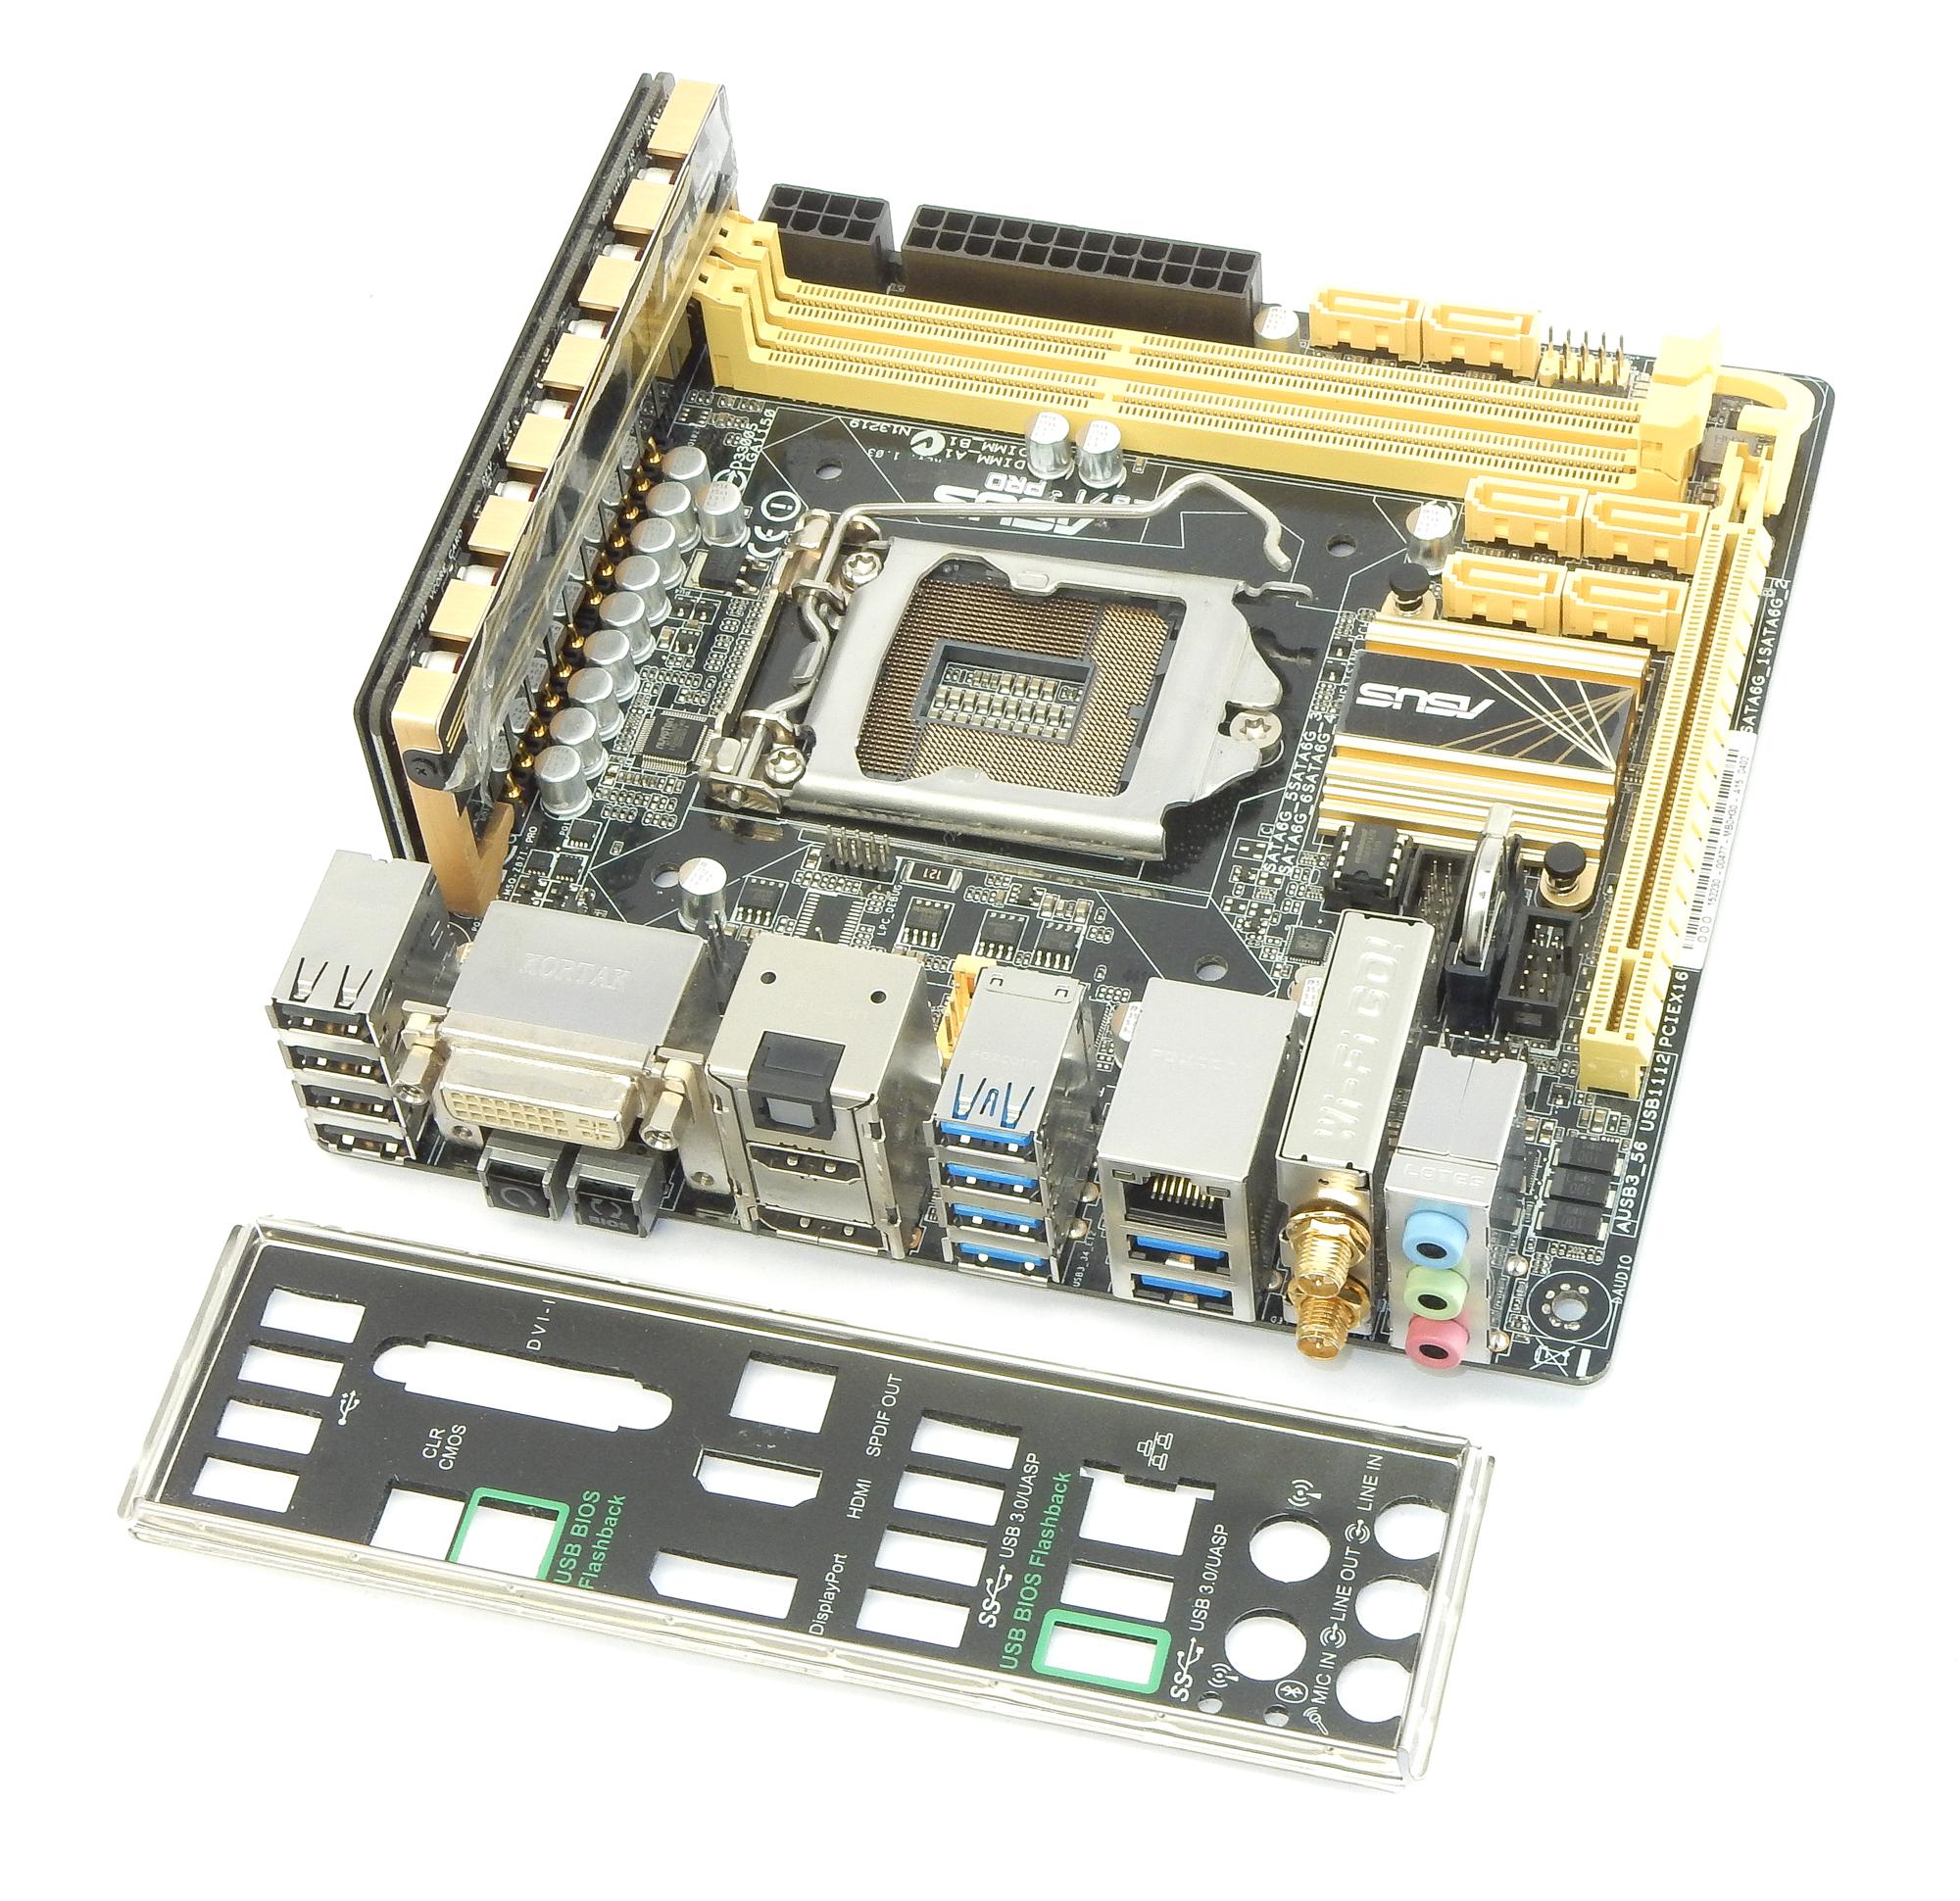 Asus Z87I-PRO LGA1150 Intel Z87 DVI HDMI Motherboard w/ WiFi